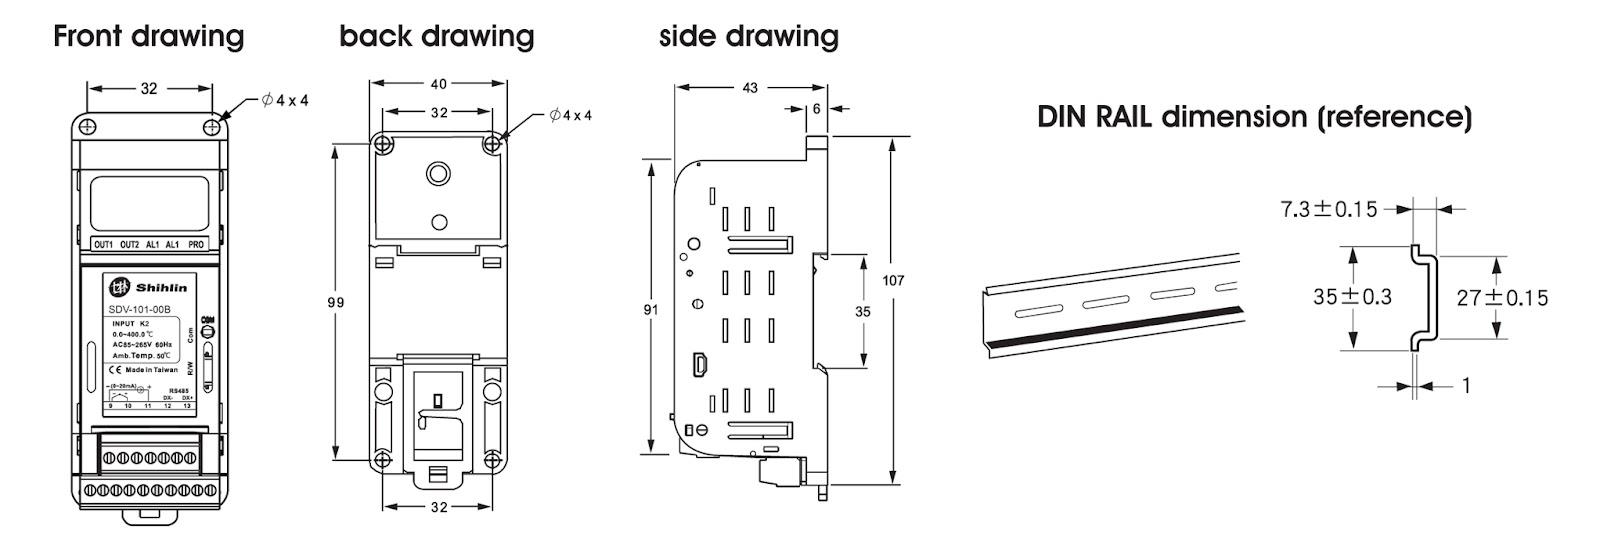 Bộ chuyển đổi tín hiệu R, K, Pt100 sang 4-20mA